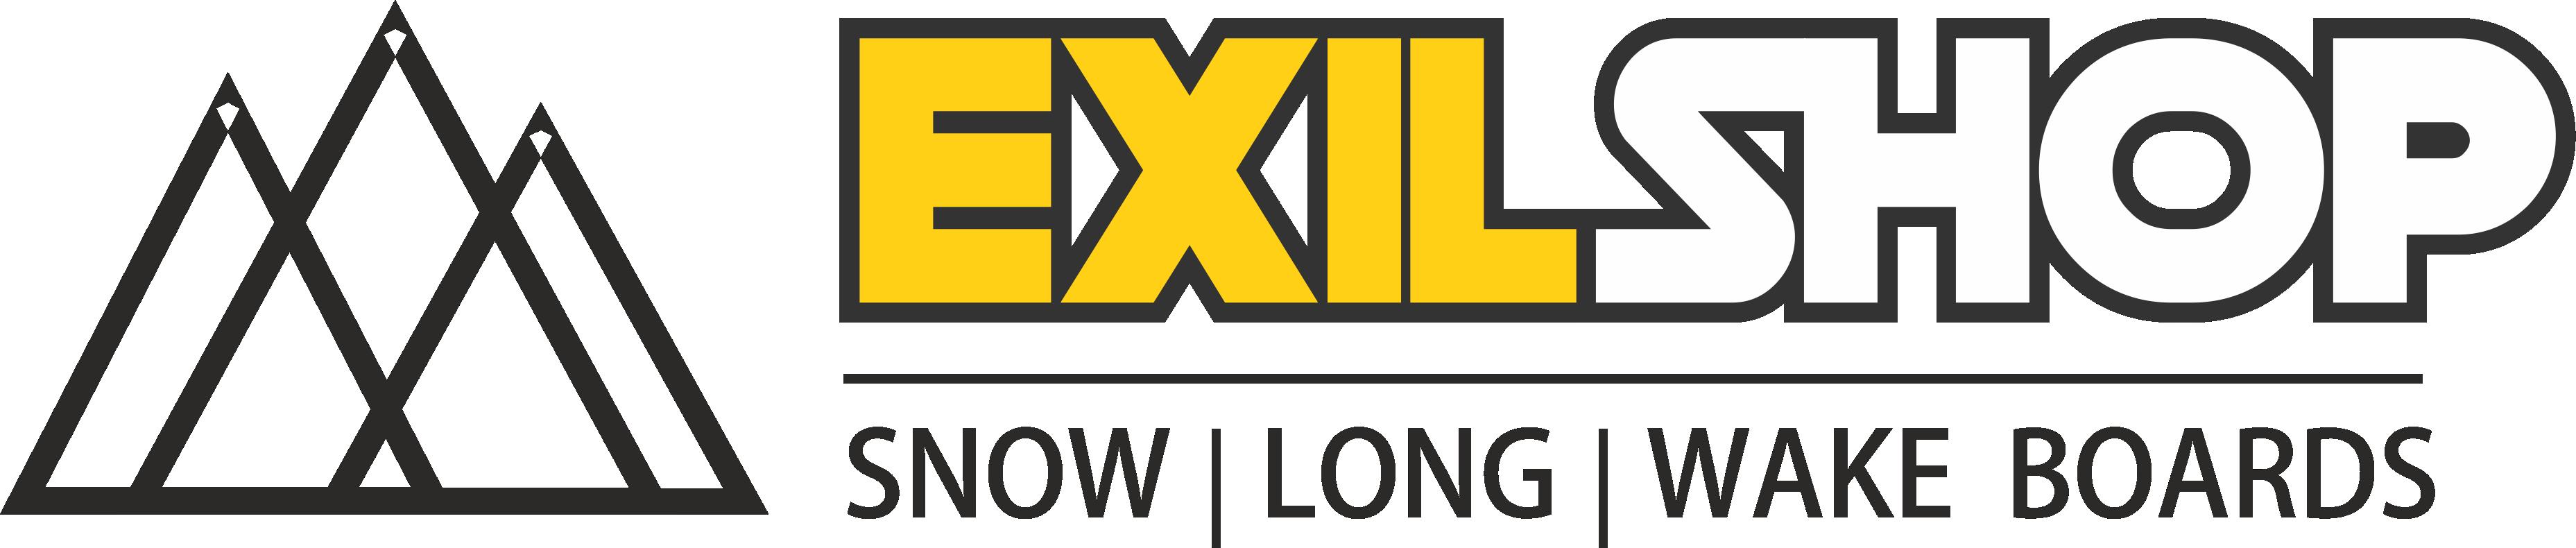 Exilshop.cz